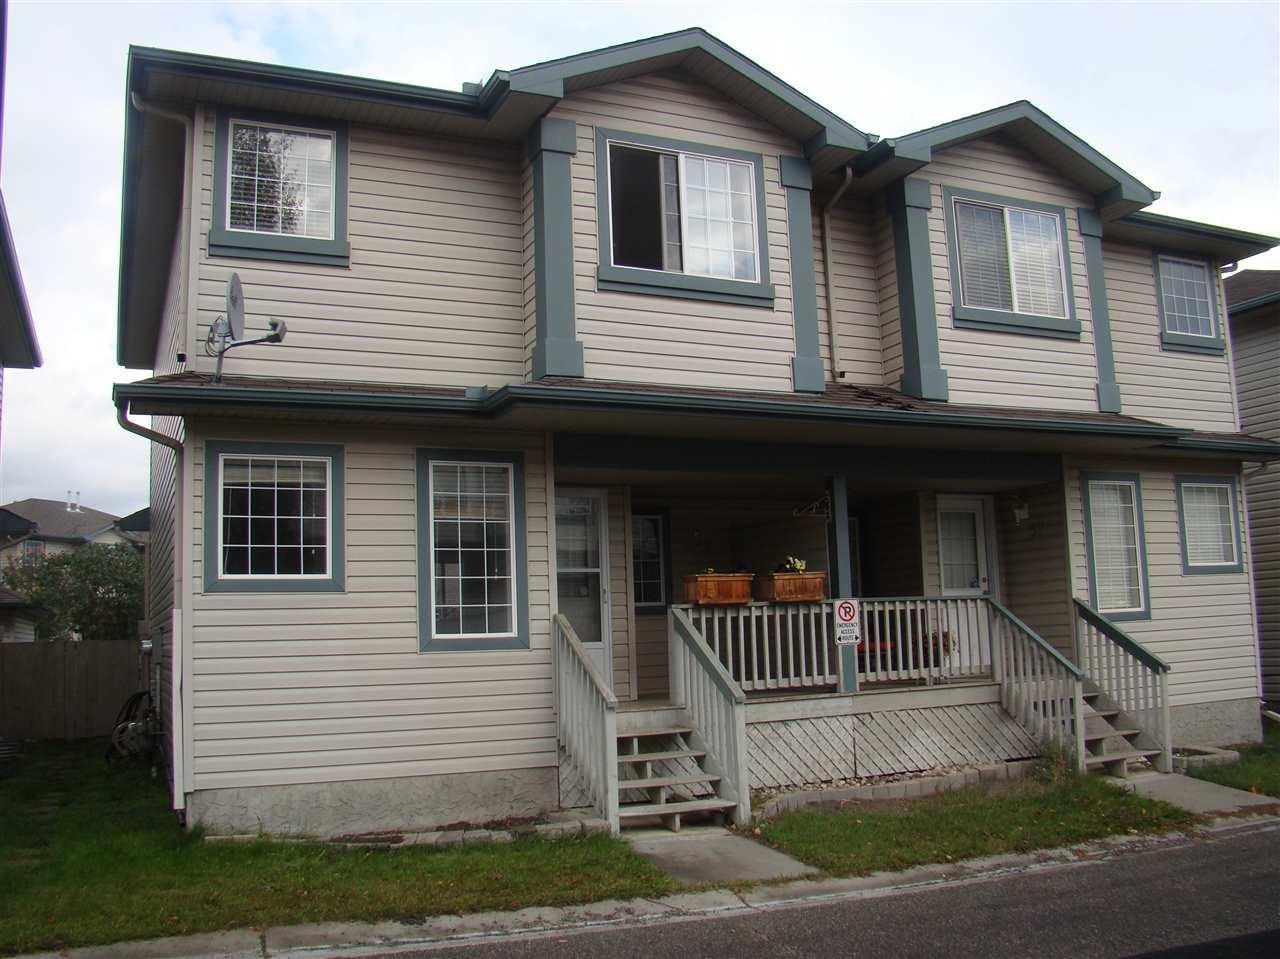 Buliding: 14803 Miller Boulevard, Edmonton, AB